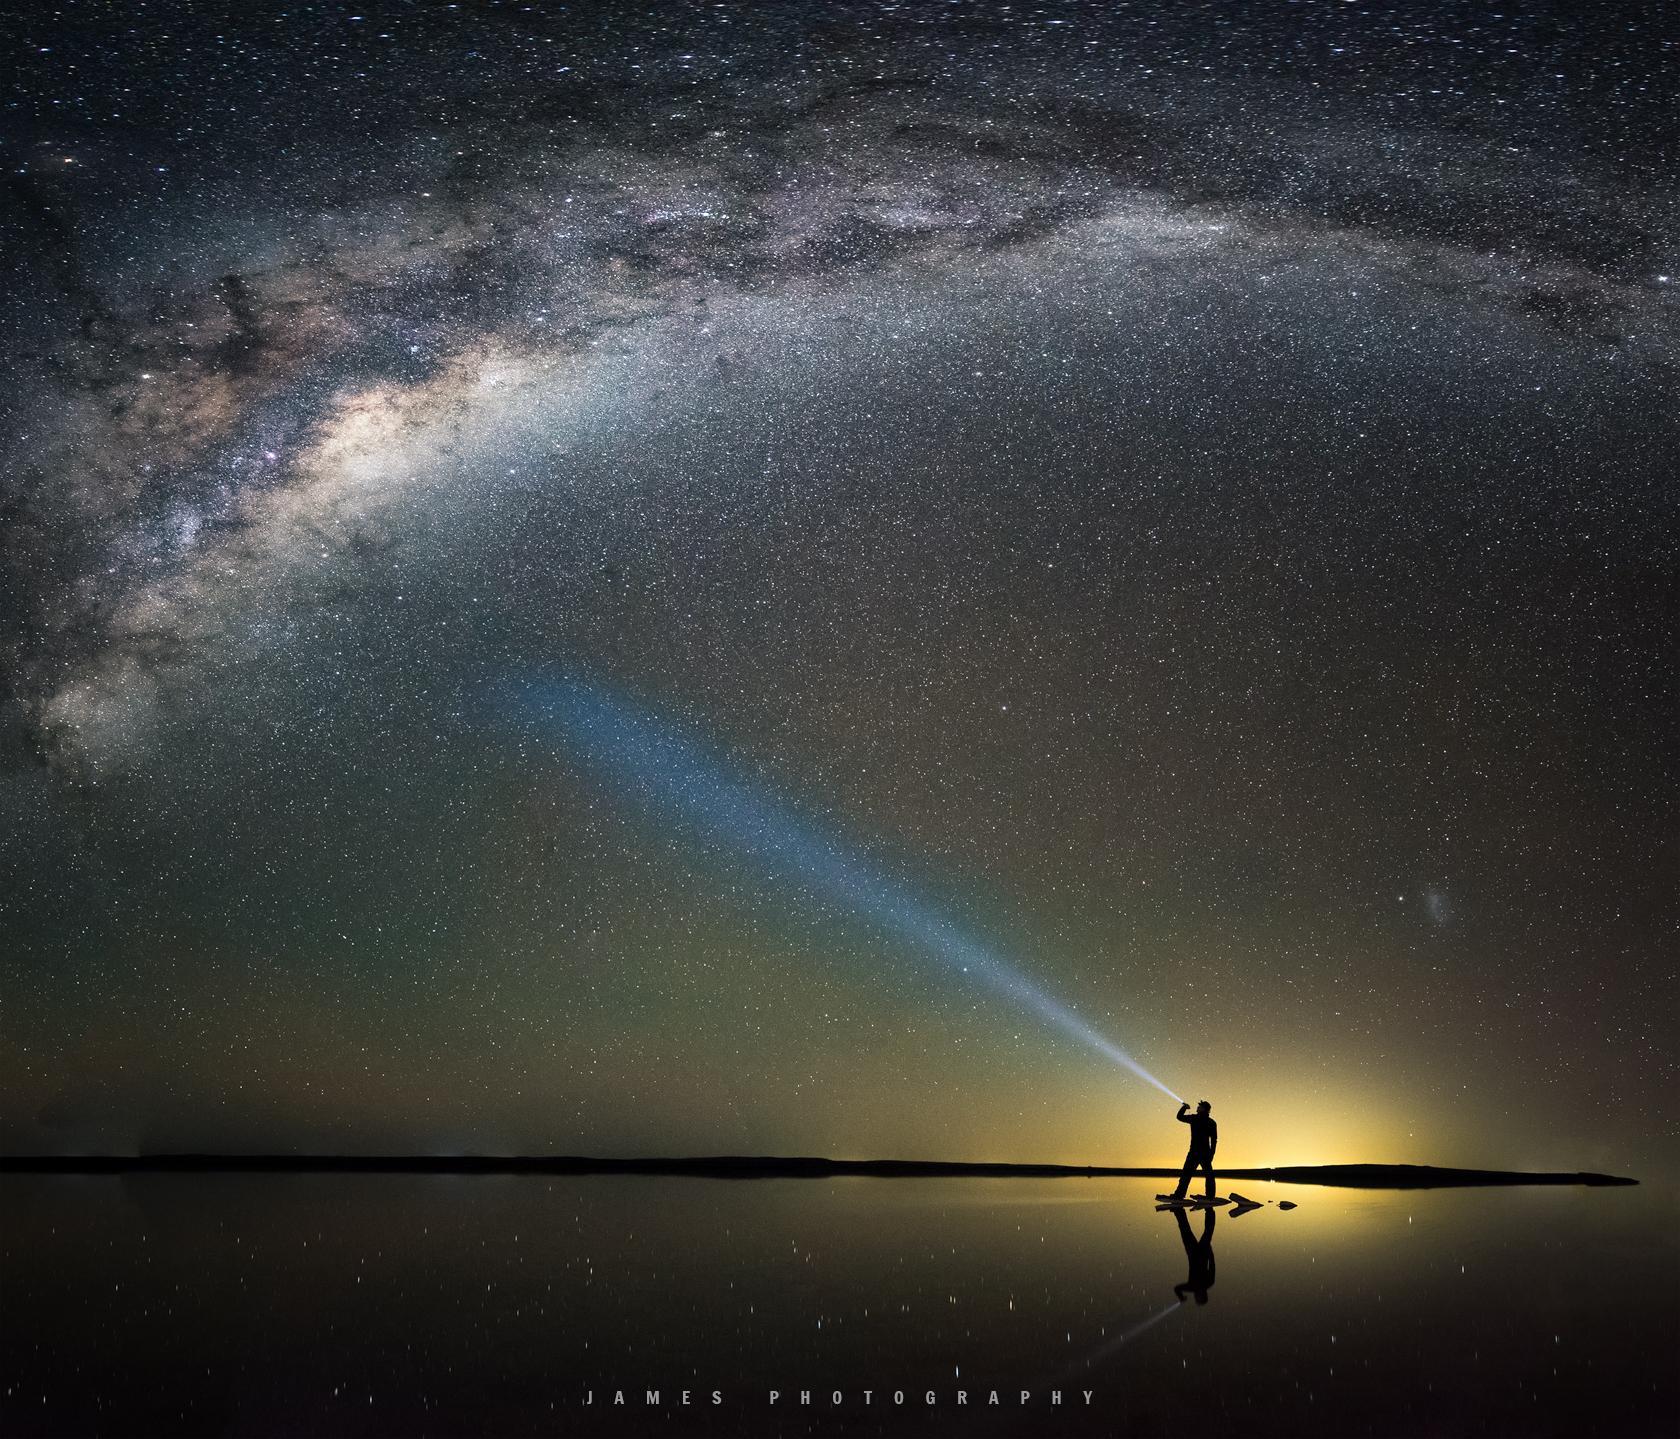 最美银河:我们的征途是星辰大海-澳洲天空之镜